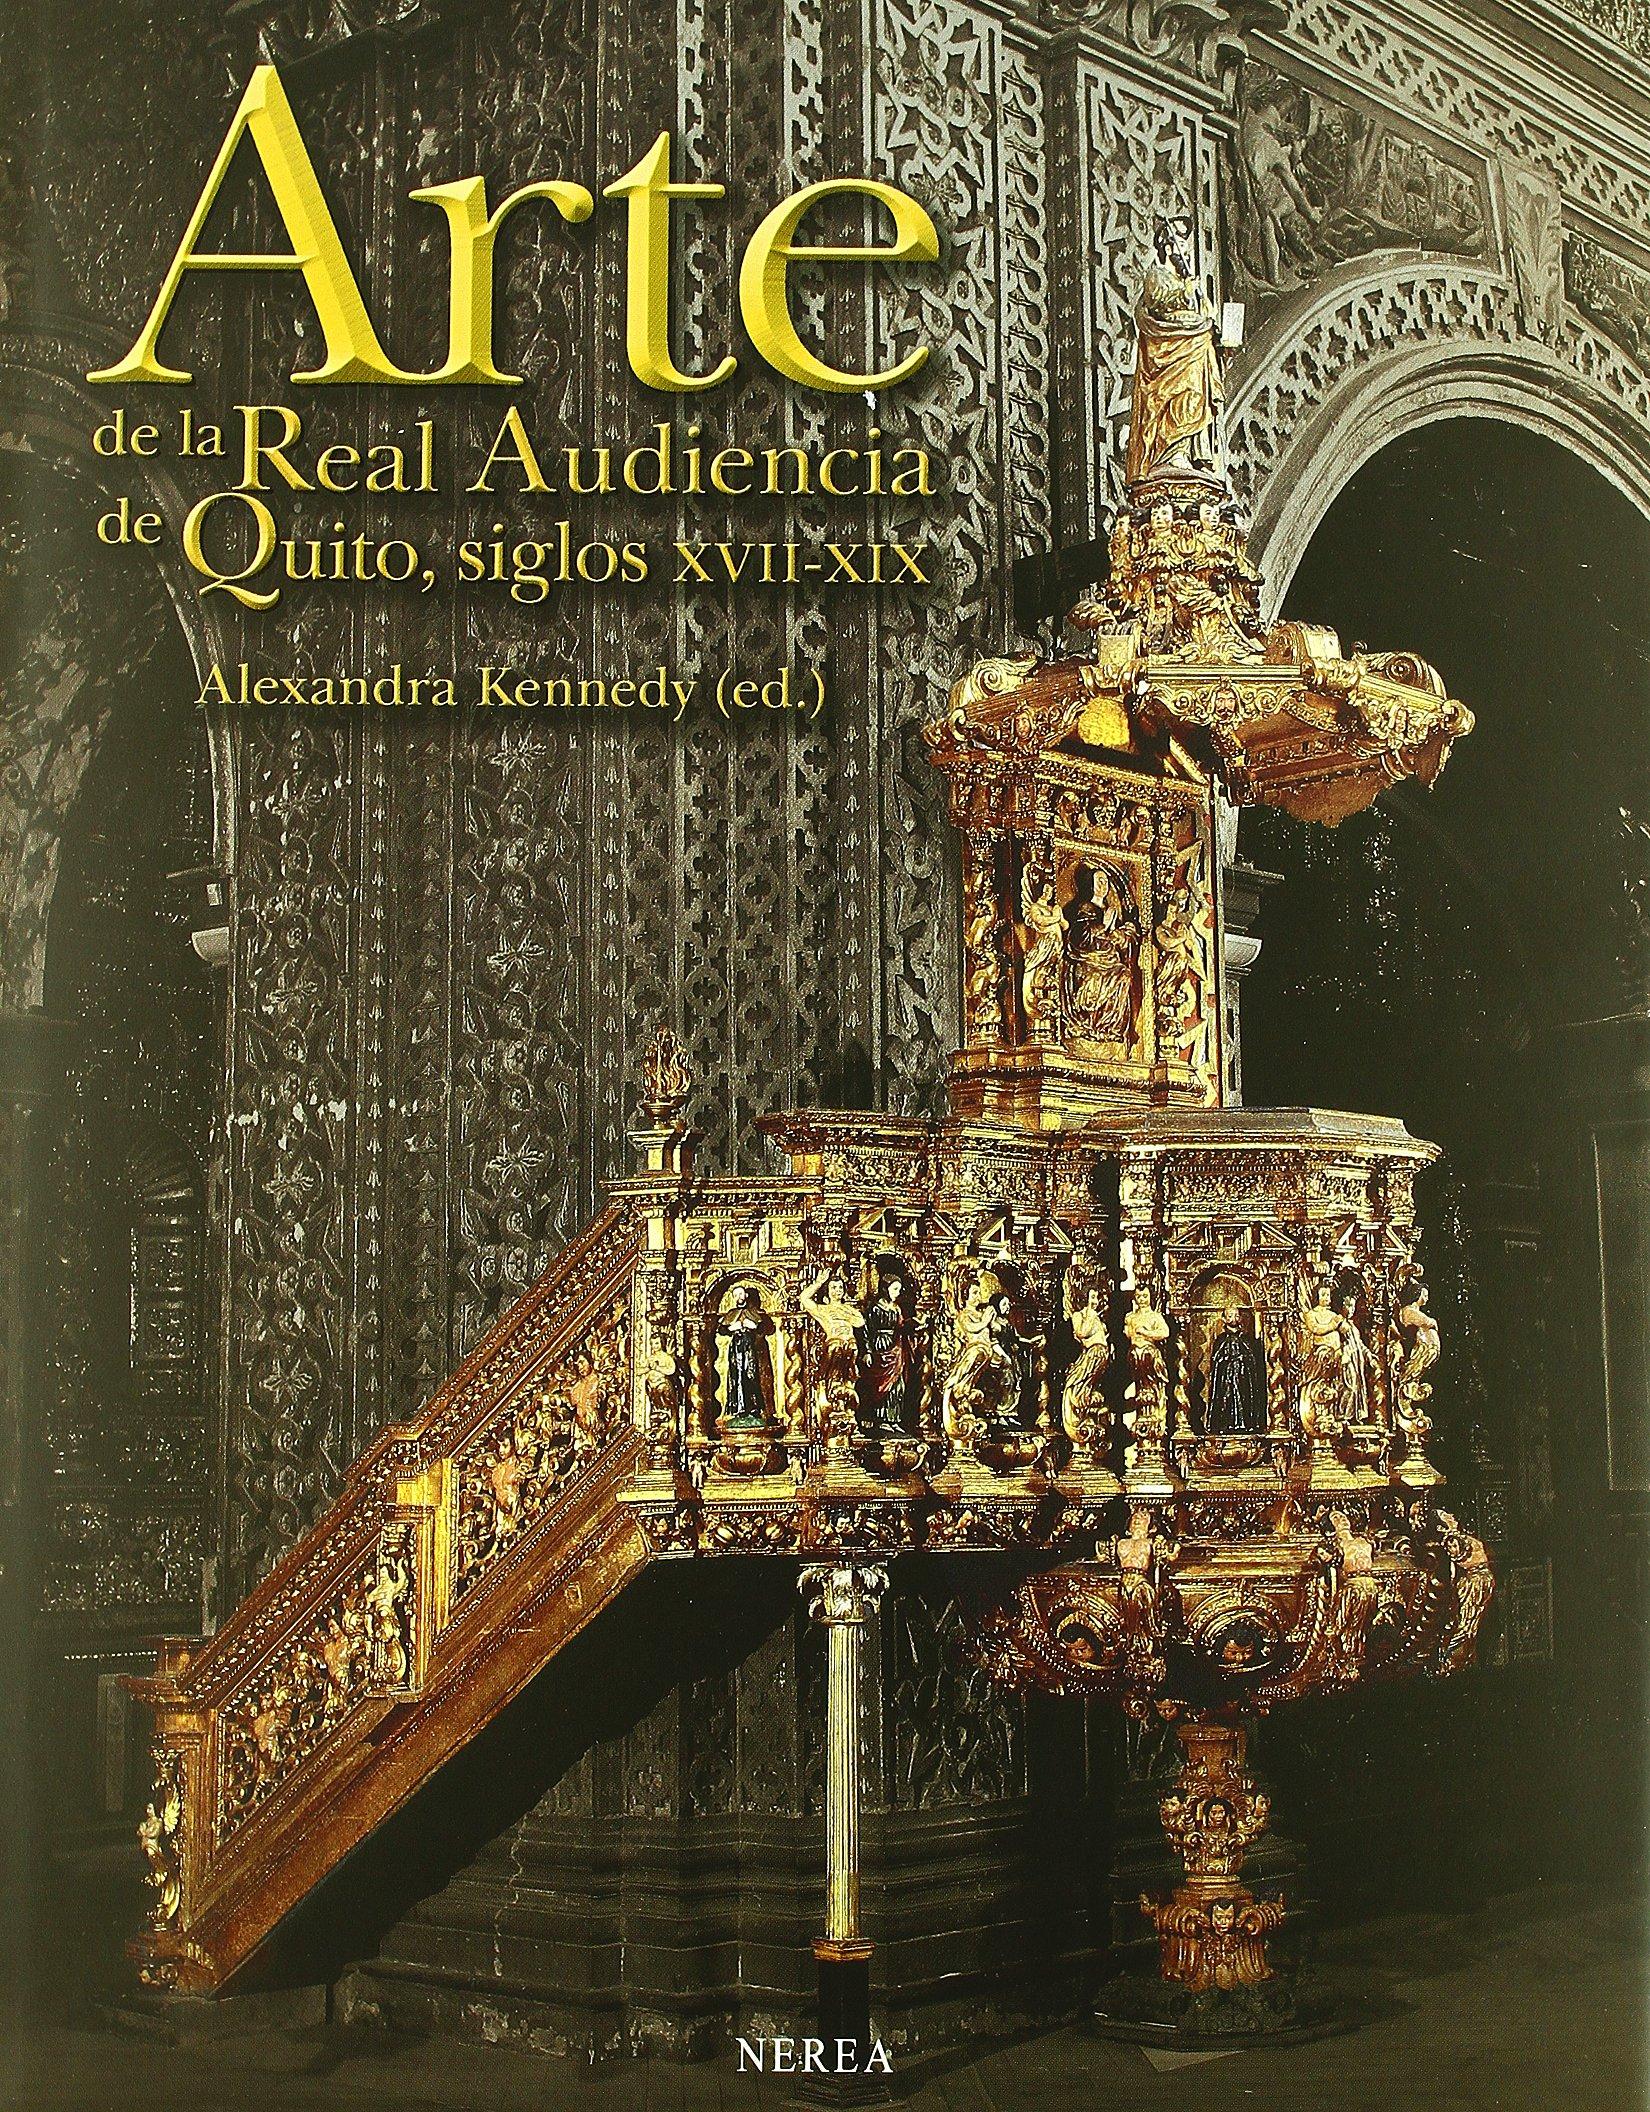 Arte de la Real Audiencia de Quito S.XVII-XIX (Formato grande) Tapa dura – 1 jun 2013 aavv Editorial Nerea S.A. 8489569835